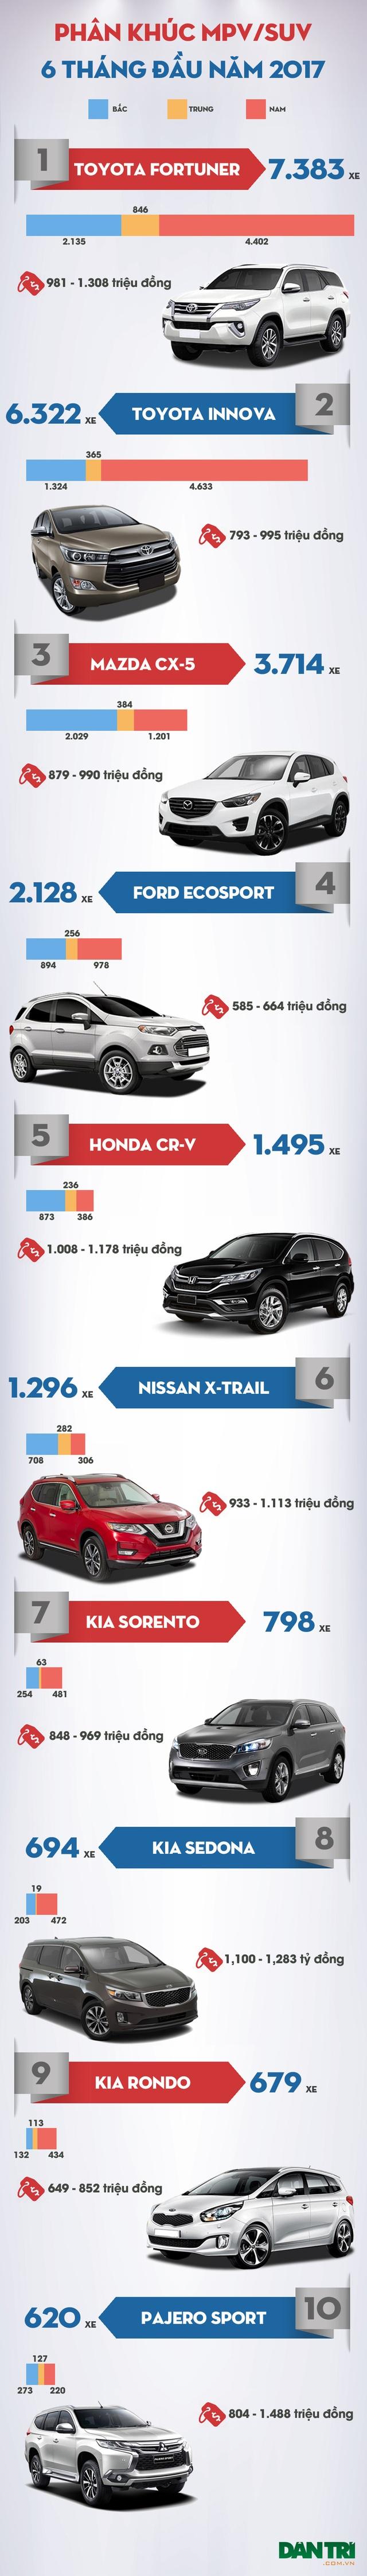 Toyota vẫn đang dẫn đầu phân khúc MPV/SUV - 1